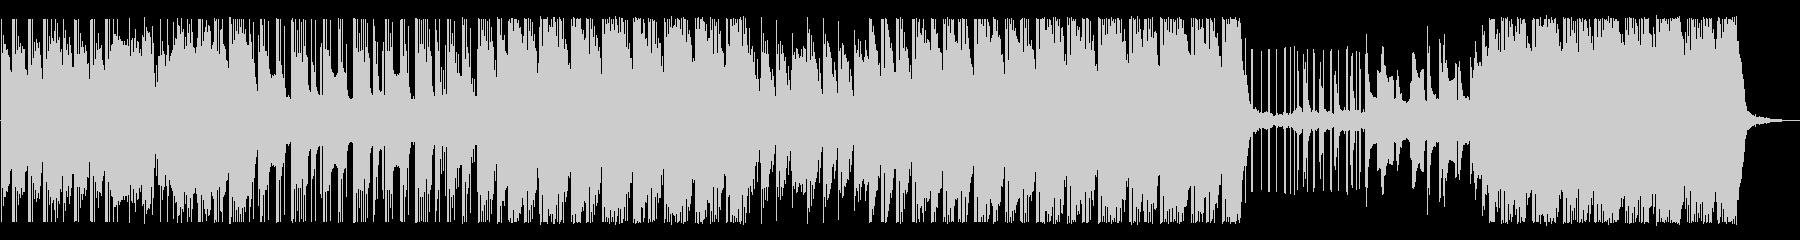 泡が弾けるようなHip-Hop/Beatの未再生の波形